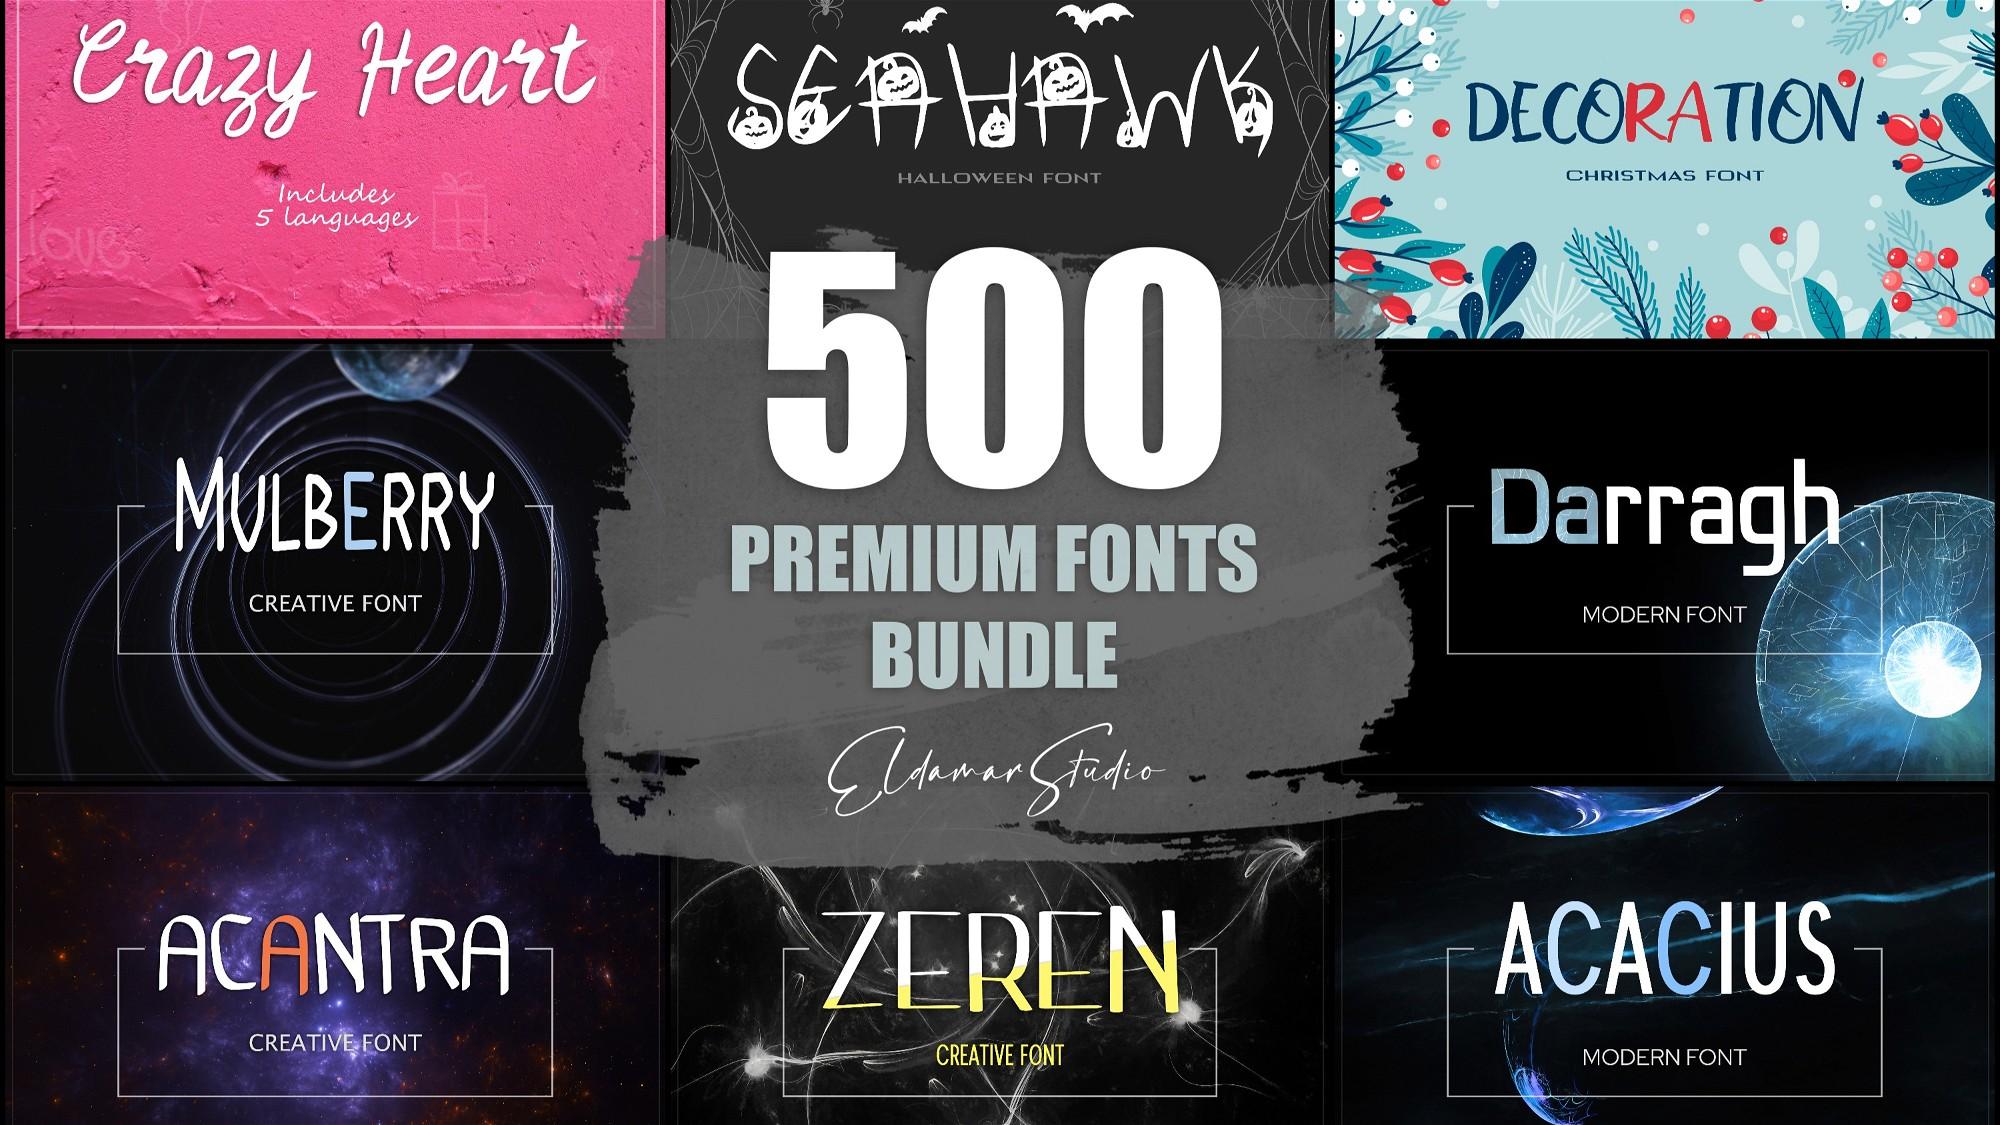 AppSumo Deal for 500 Premium Fonts Bundle